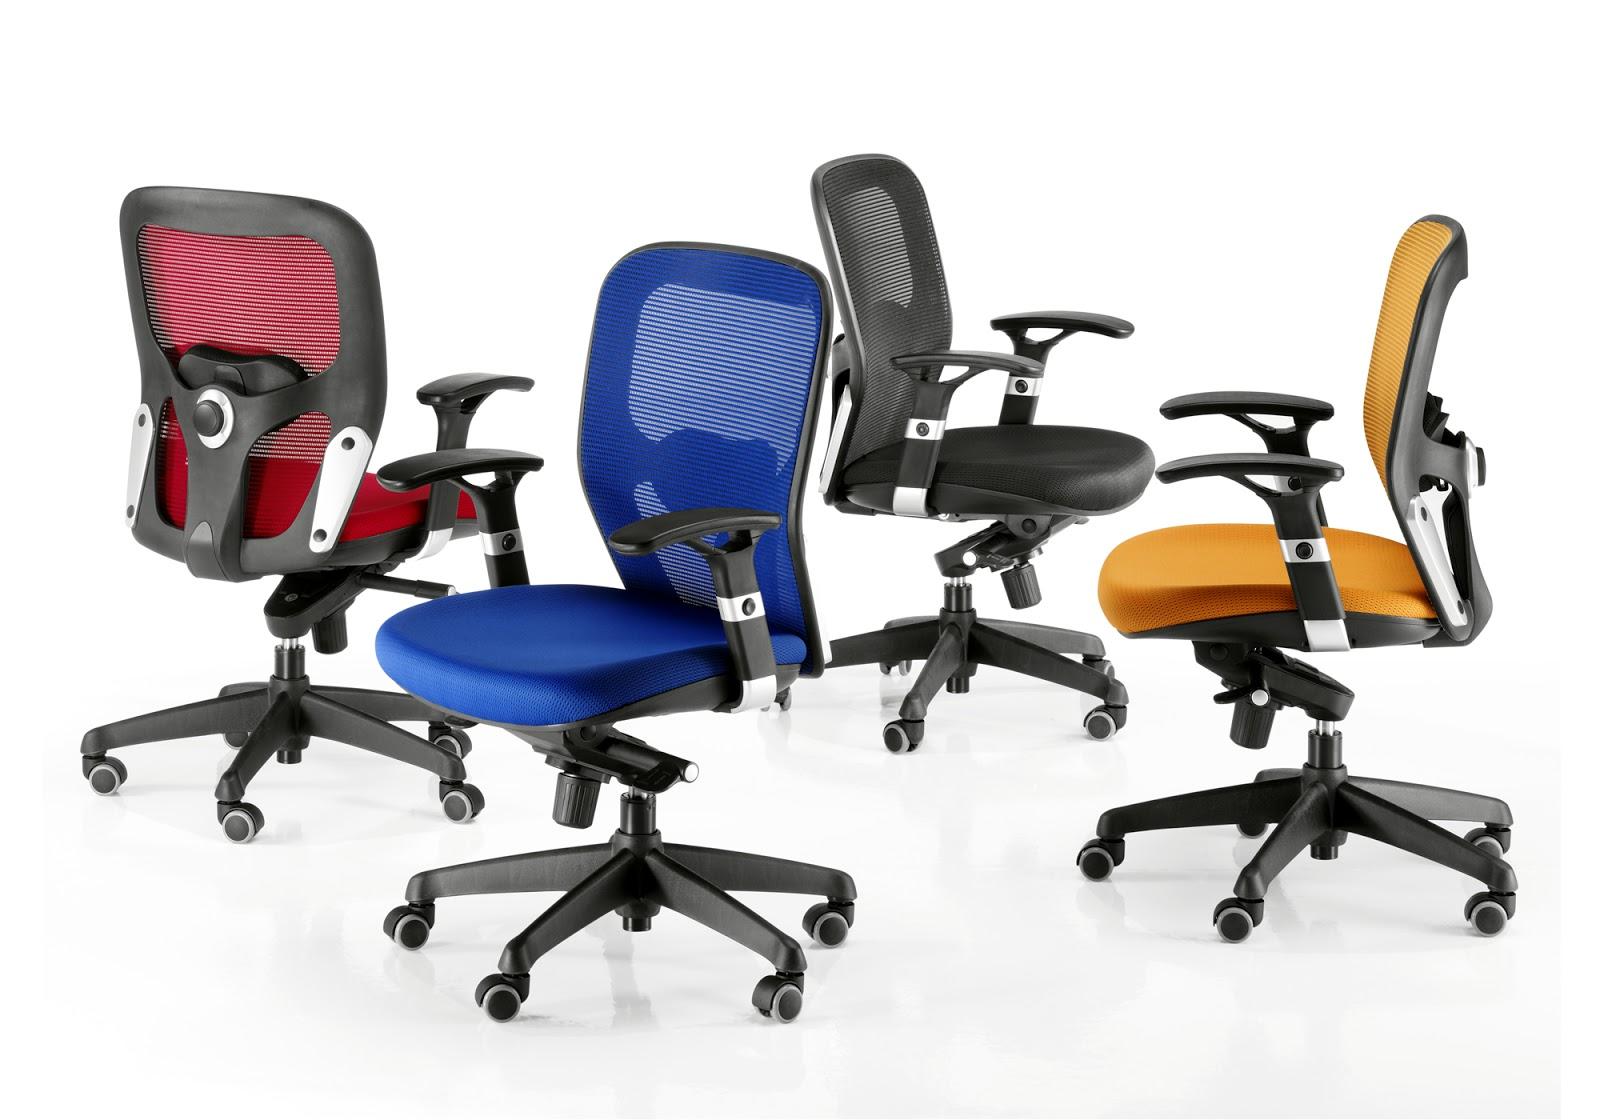 Oficina total 2016 for Muebles de oficina mallorca